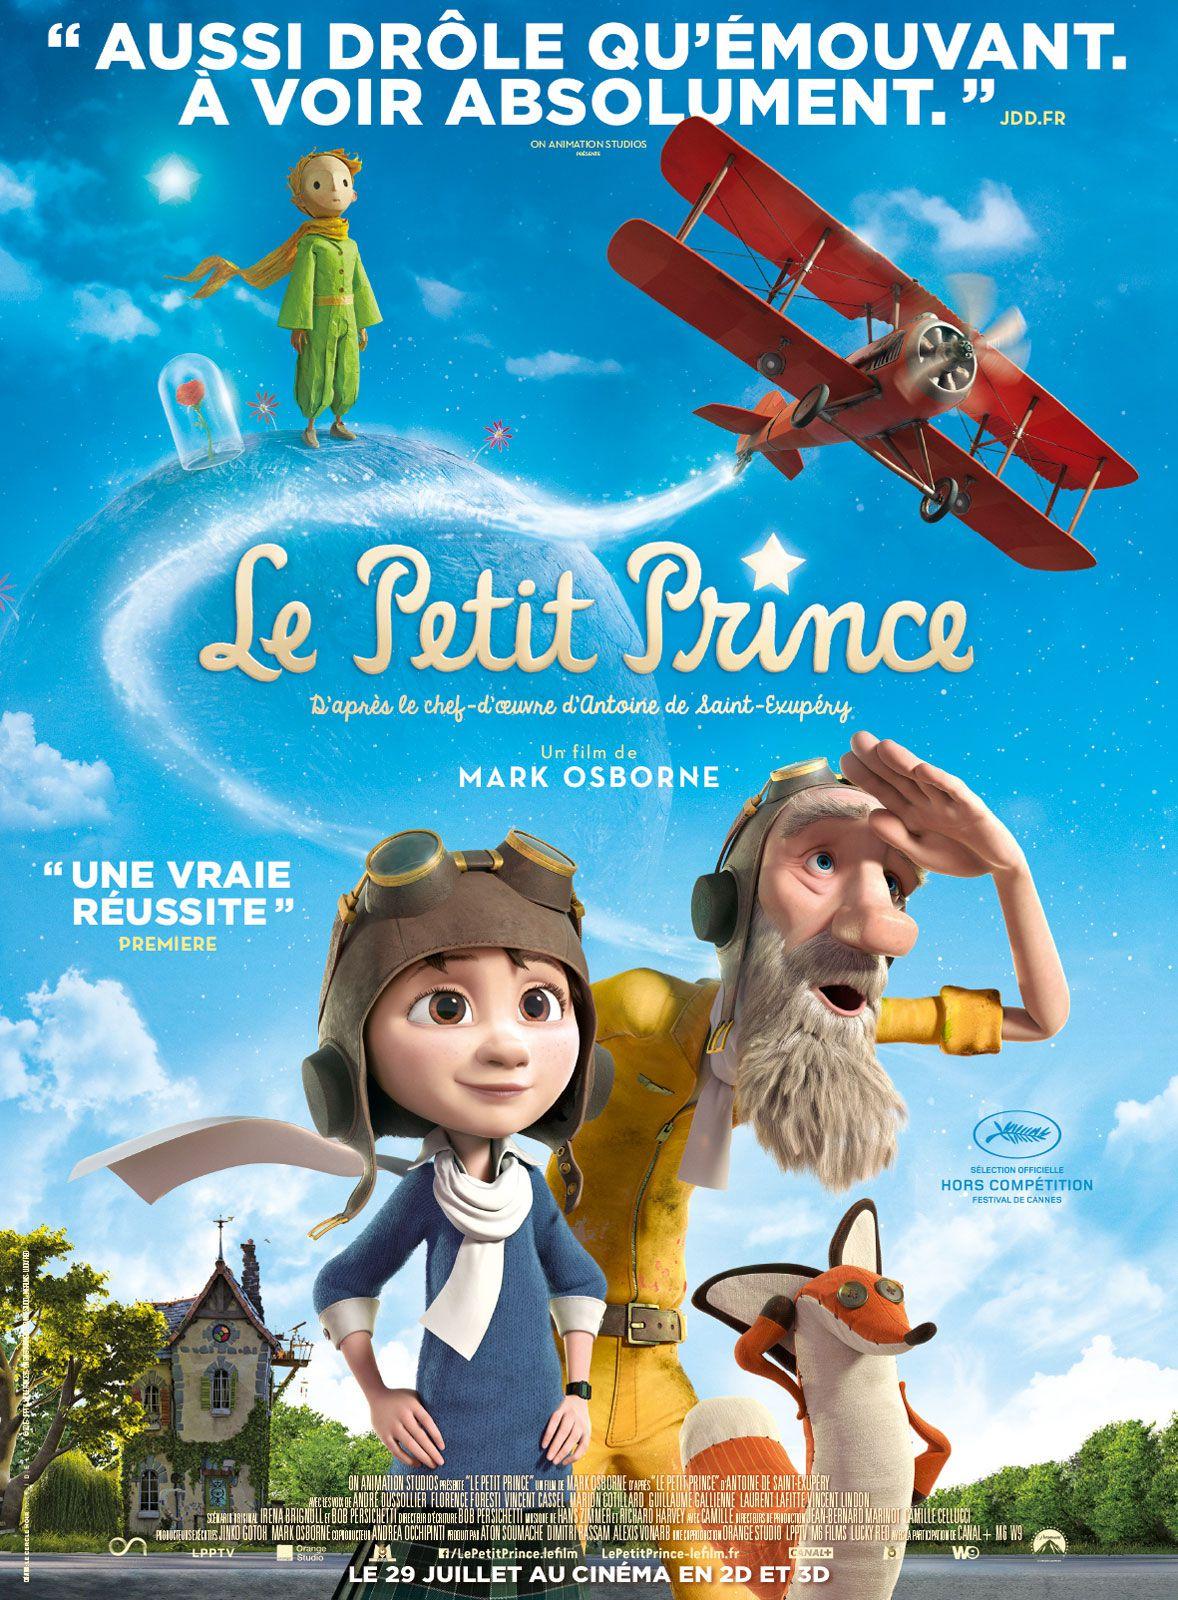 Le Petit Prince - Long-métrage d'animation (2015)